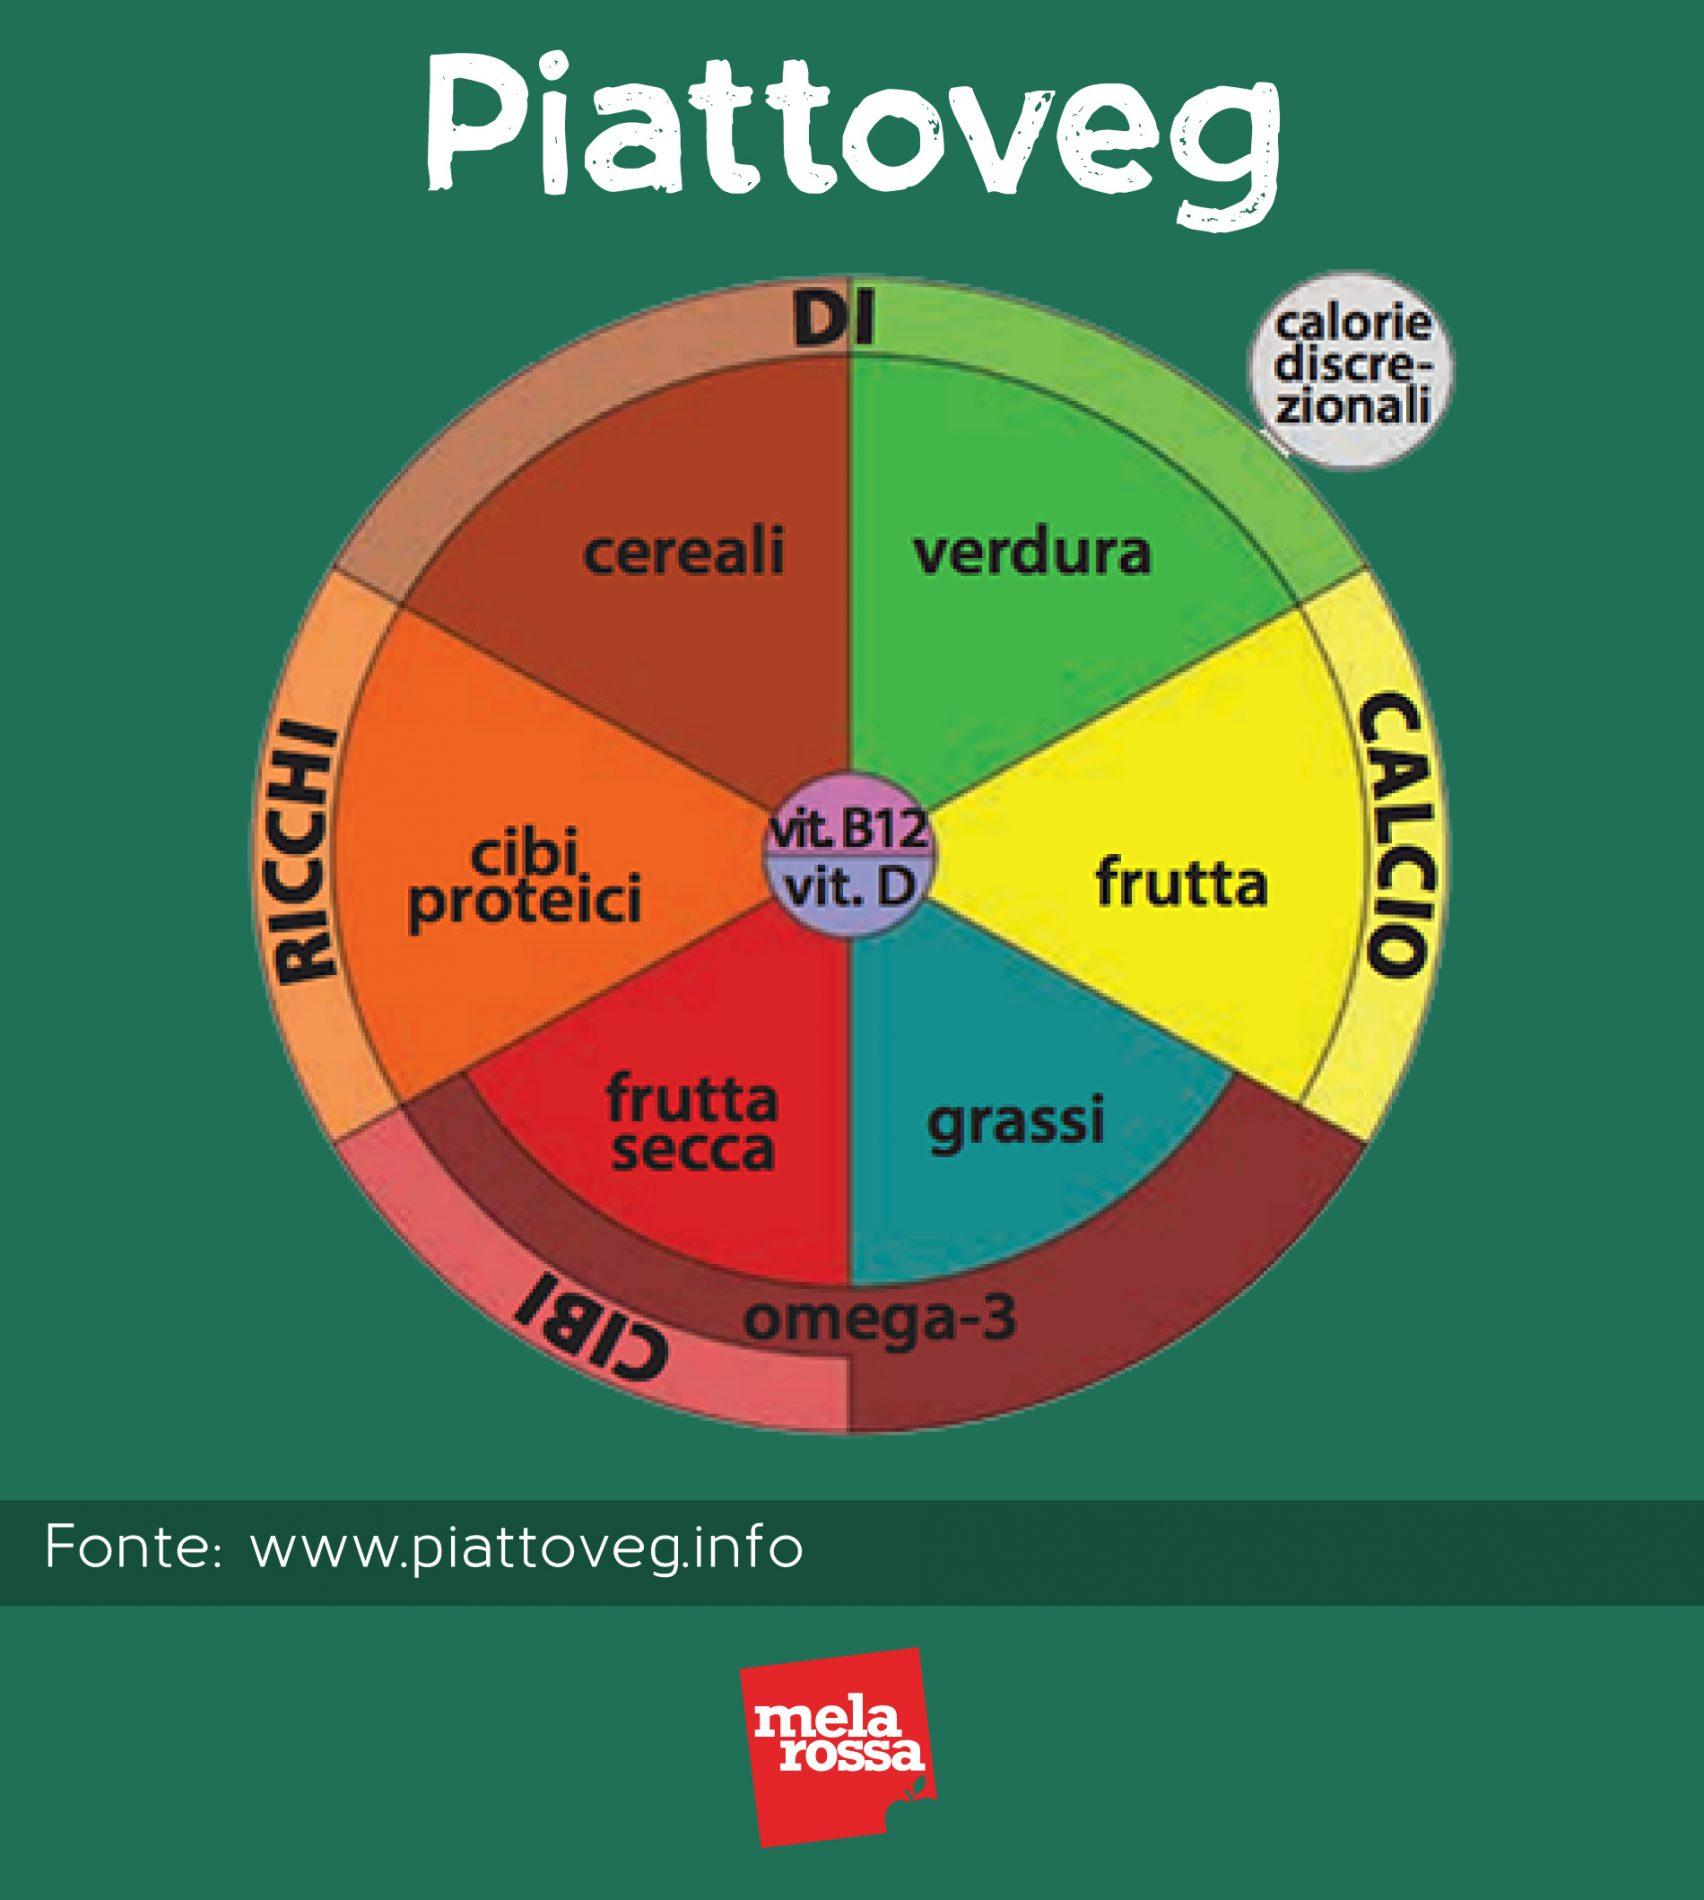 dieta vegana piramide alimentare piattoveg